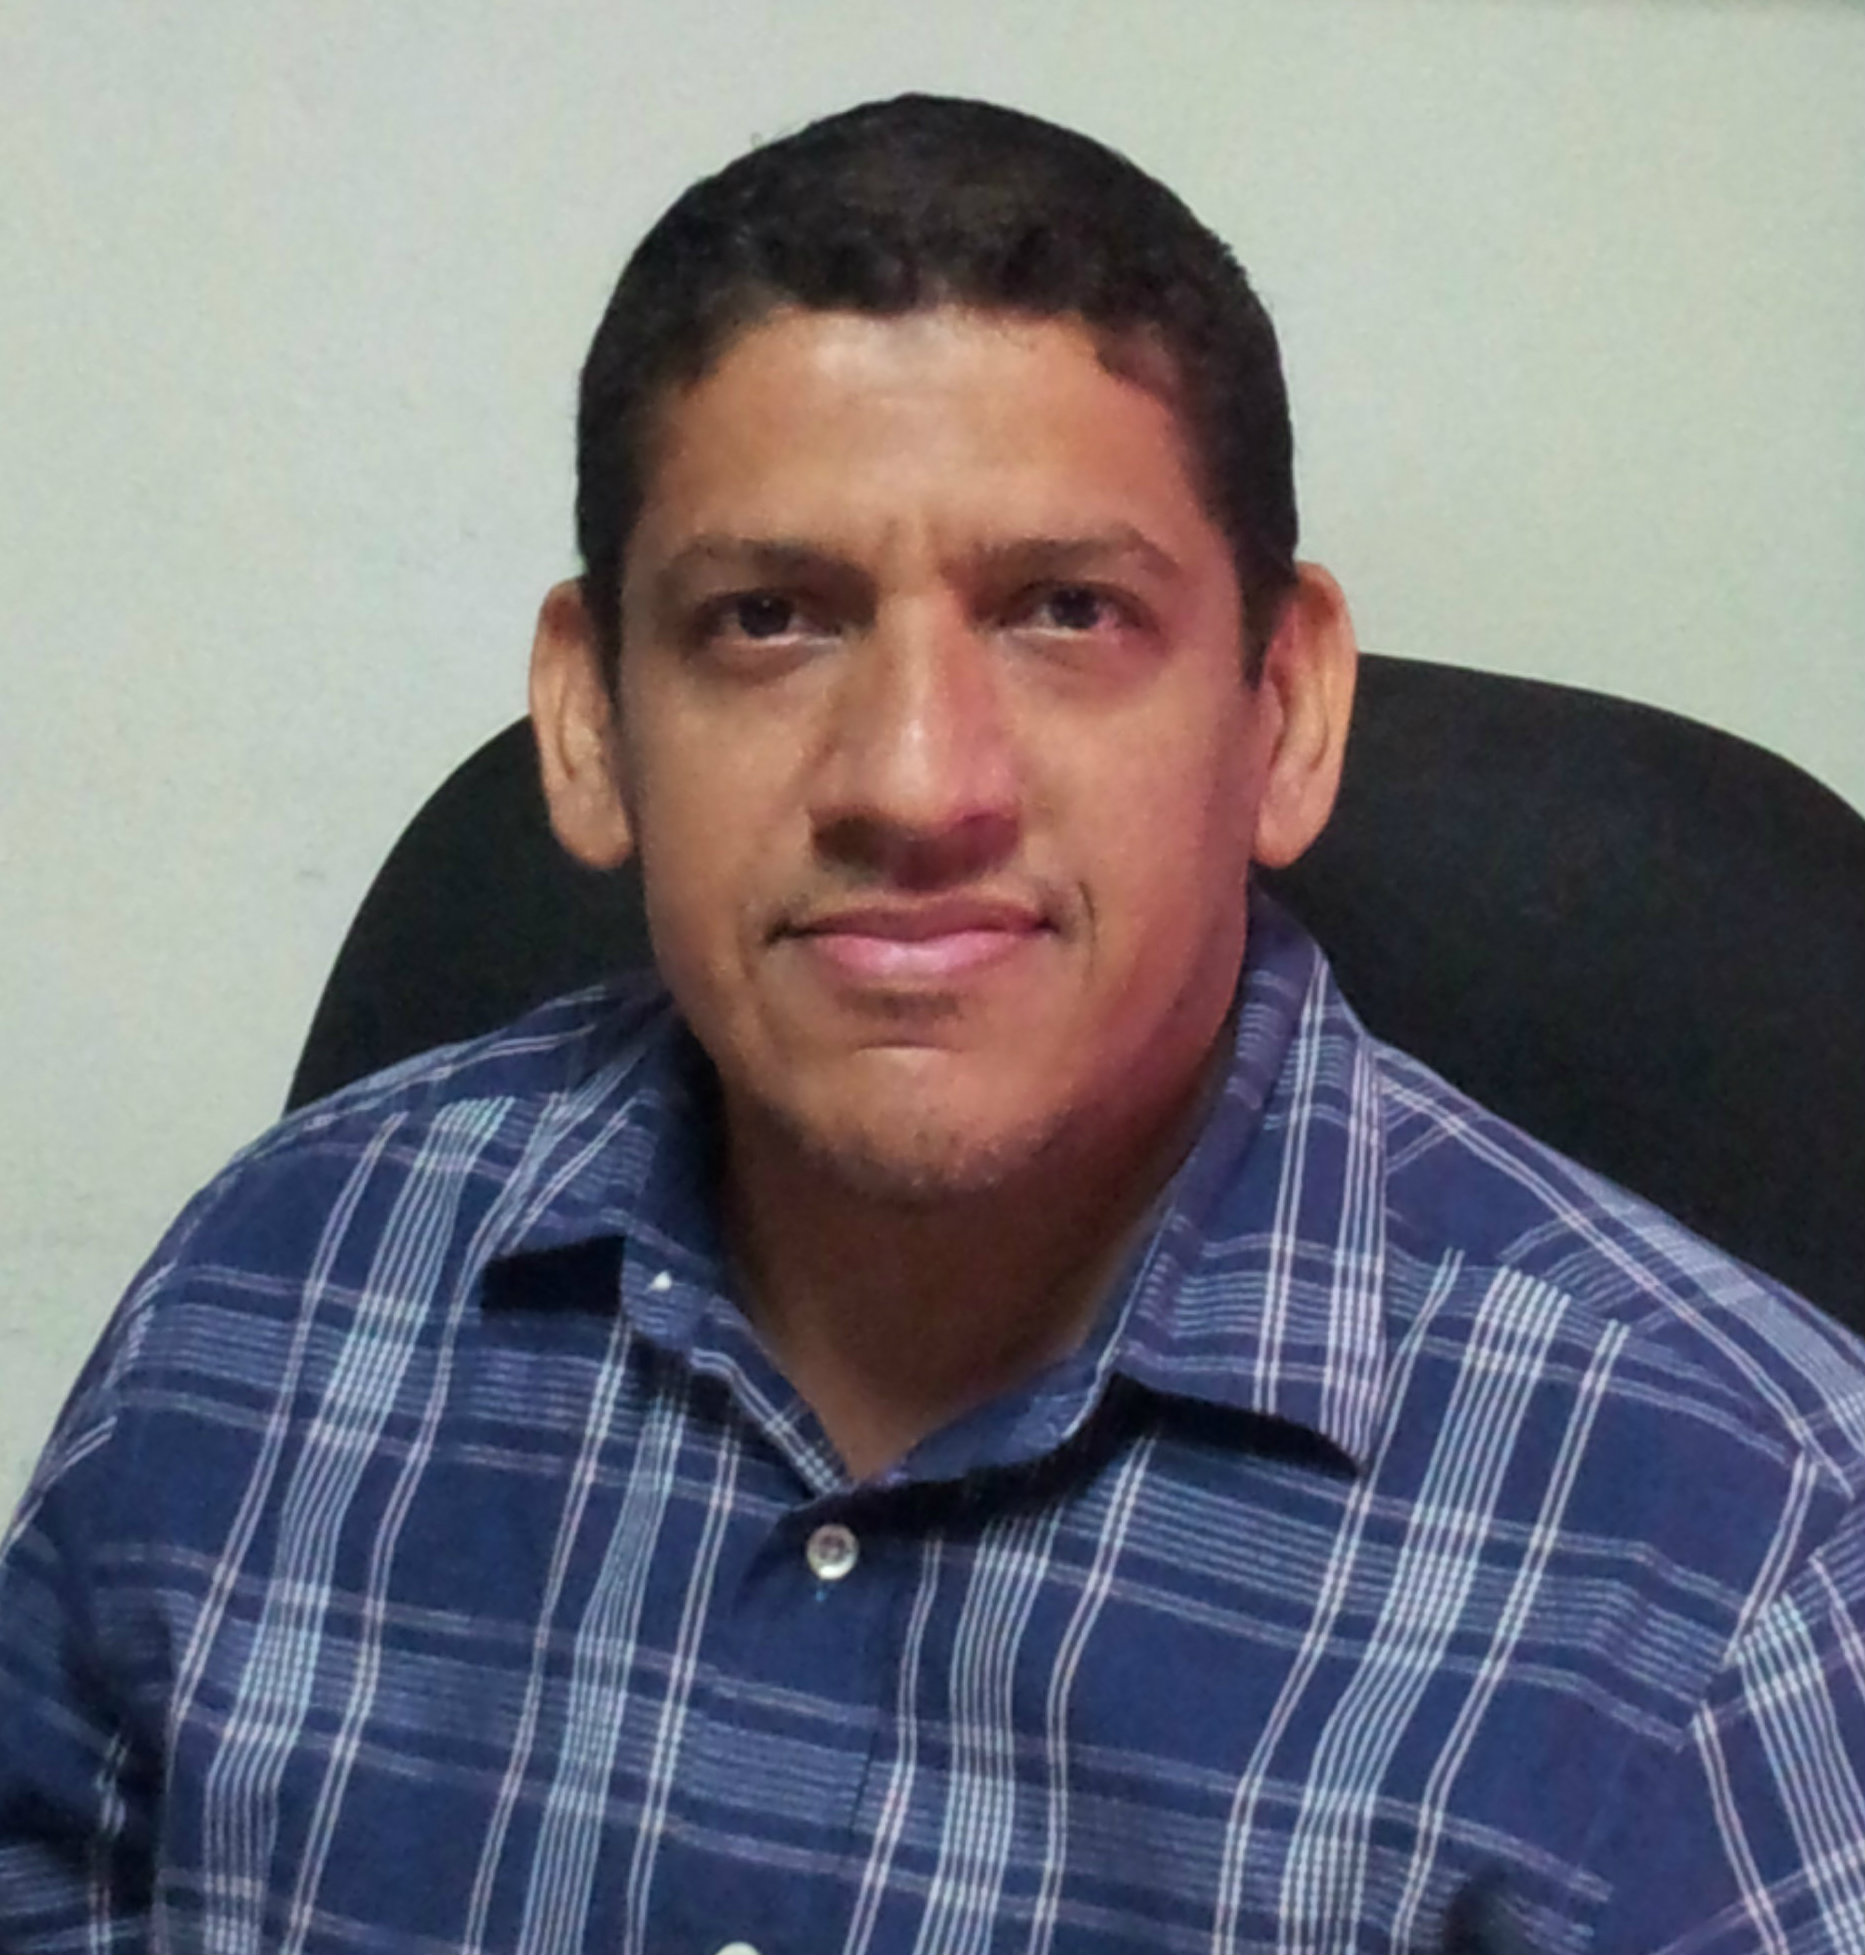 Fitzgerald Tejada Martínez